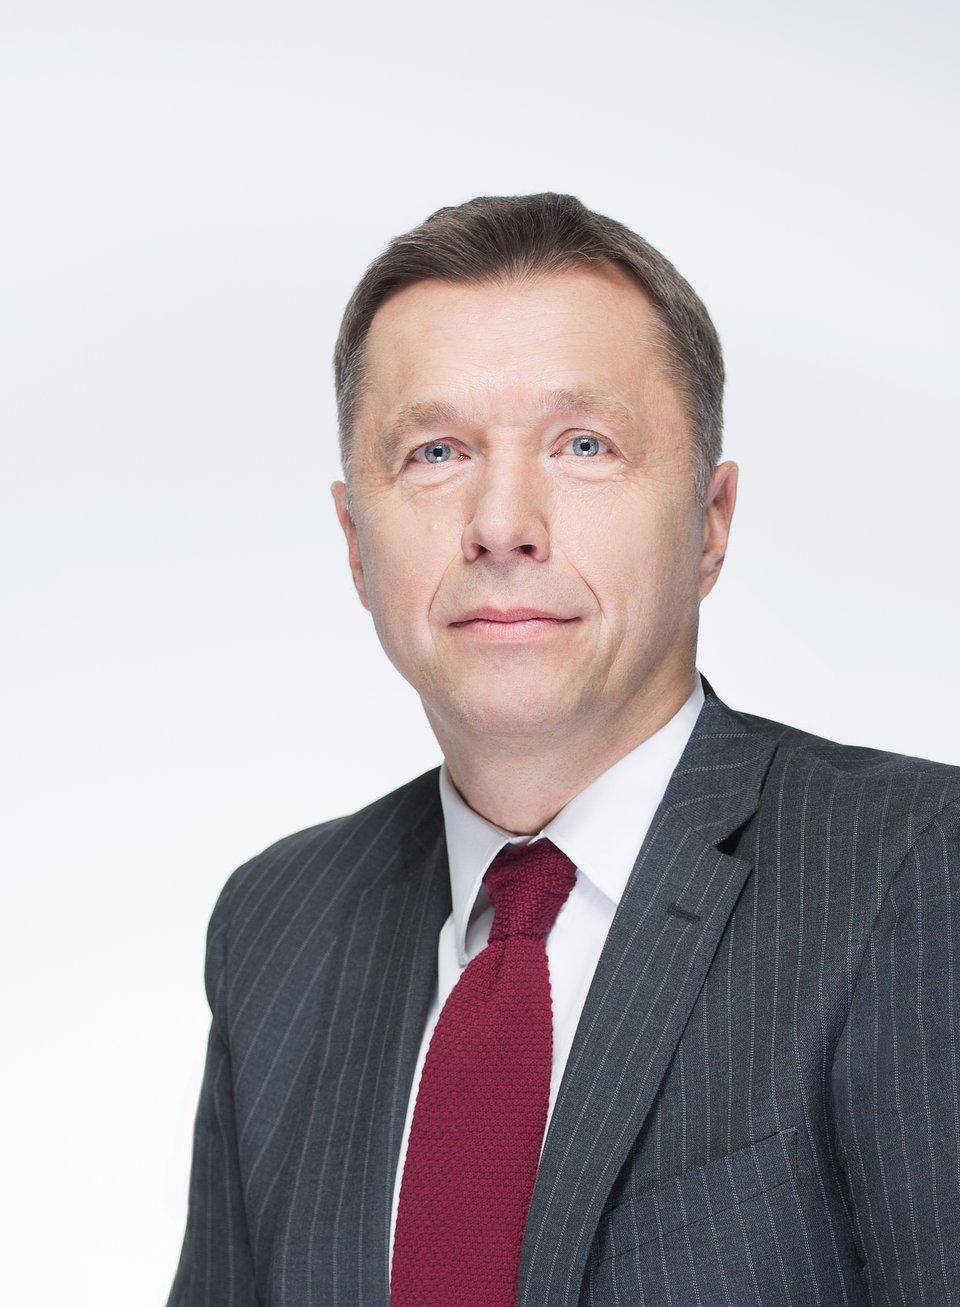 Autor: mec. Jarosław Chałas, partner zarządzający kancelarii Chałas i Wspólnicy